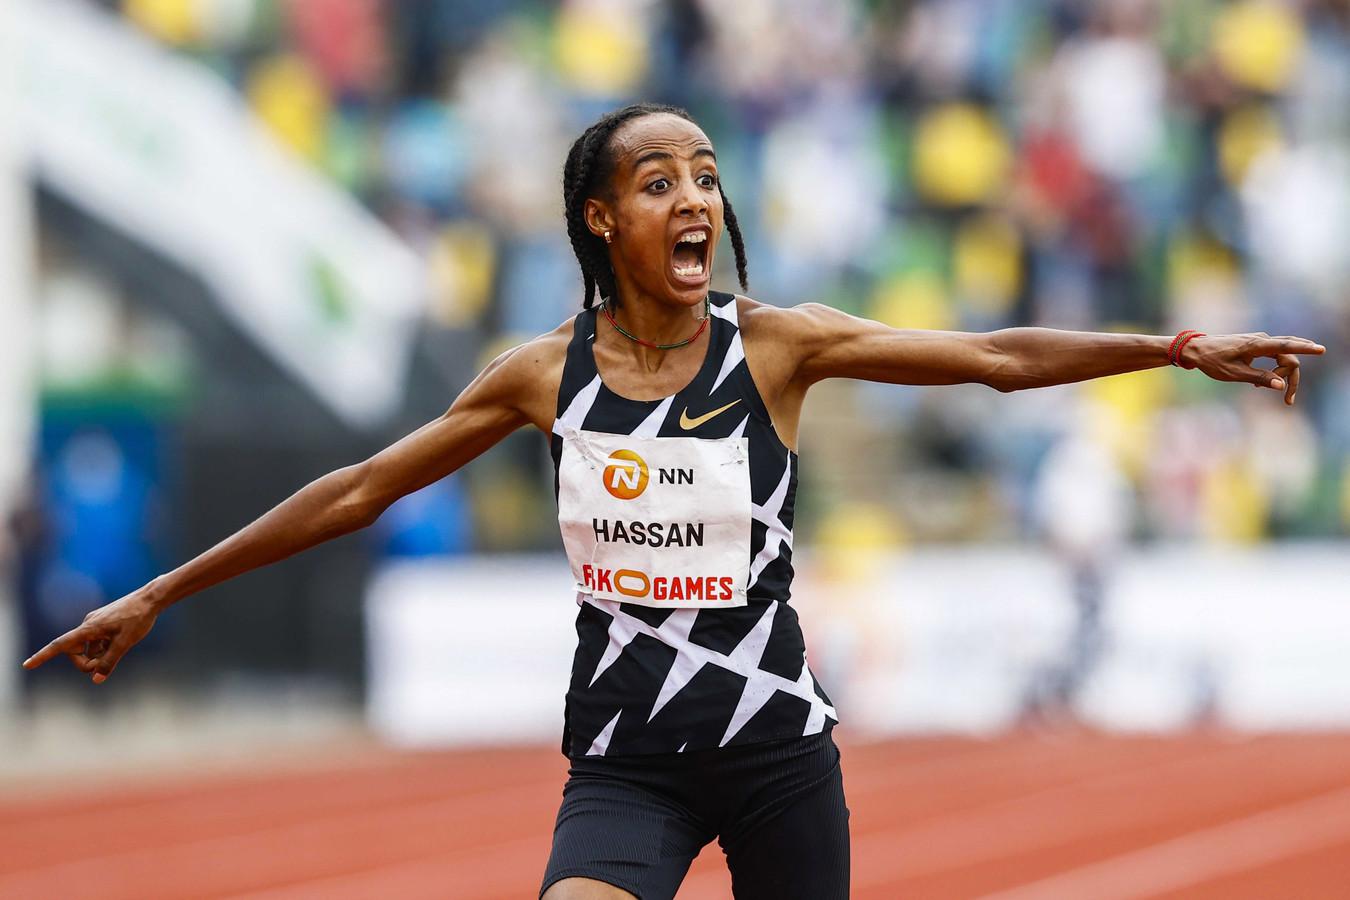 Sifan Hassan juicht na haar wereldrecordtijd op de 10.000 meter.